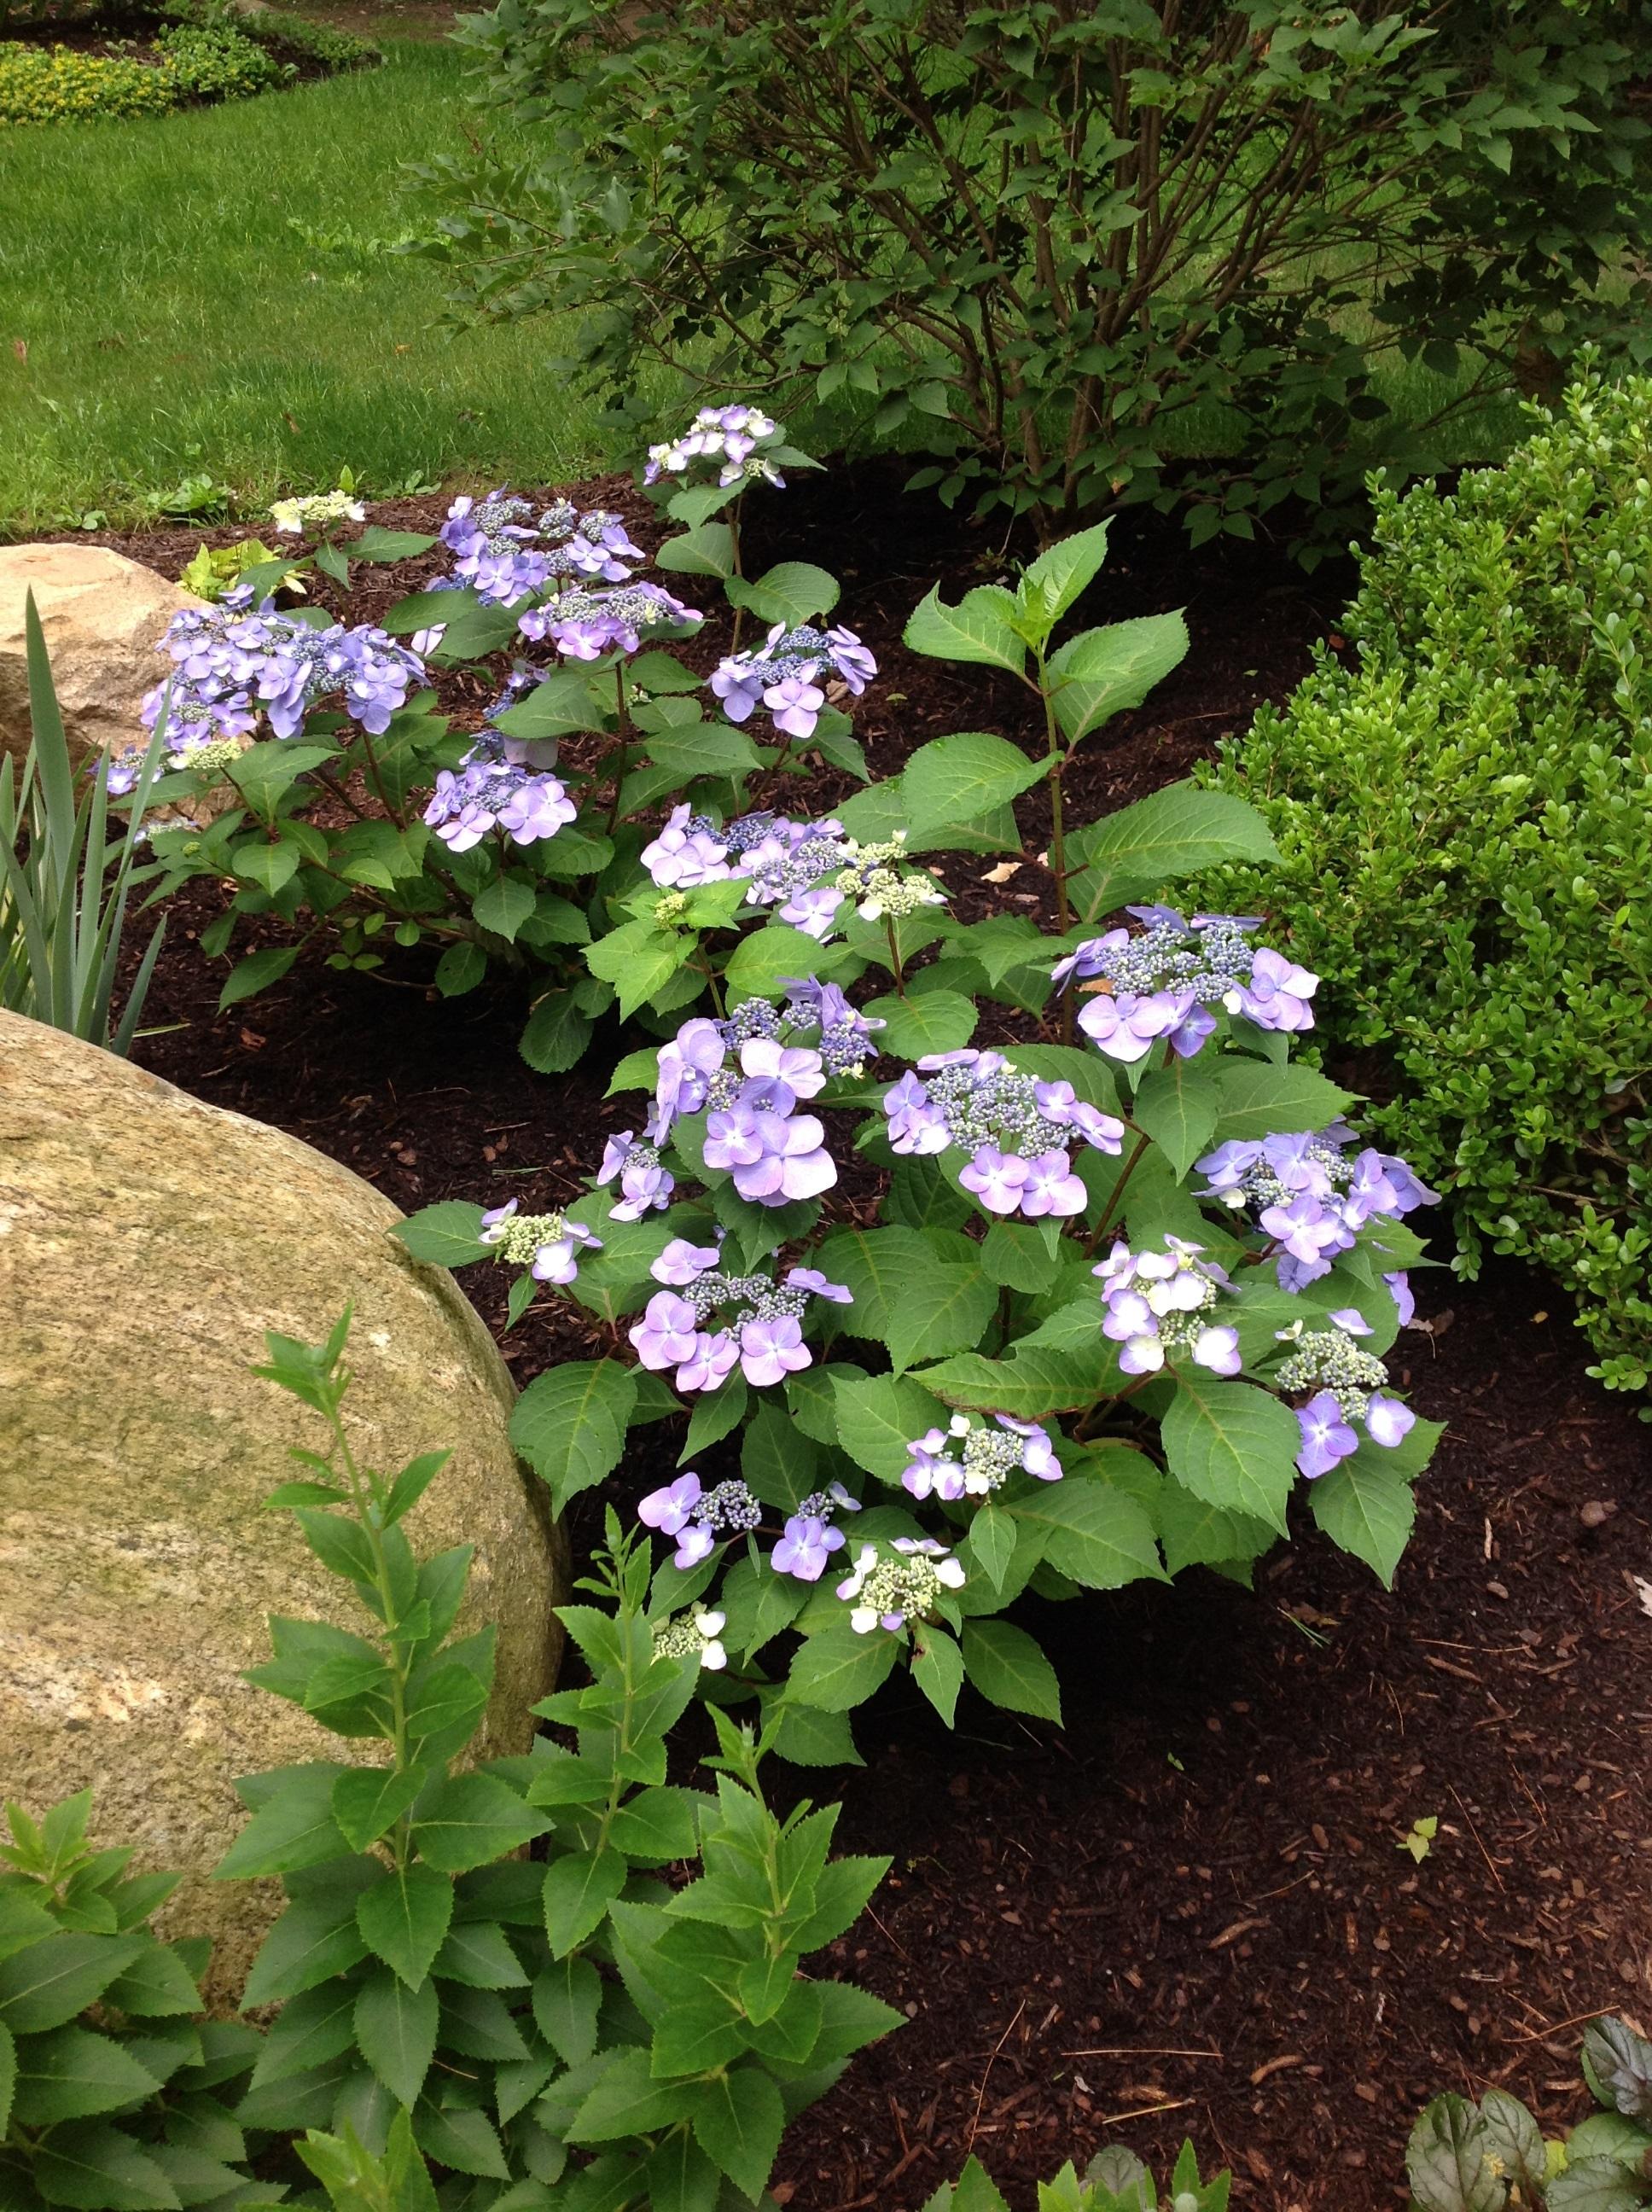 Care for hydrangeas garden goddess sense and sustainability a saratoga garden blog - Caring hydrangea garden ...